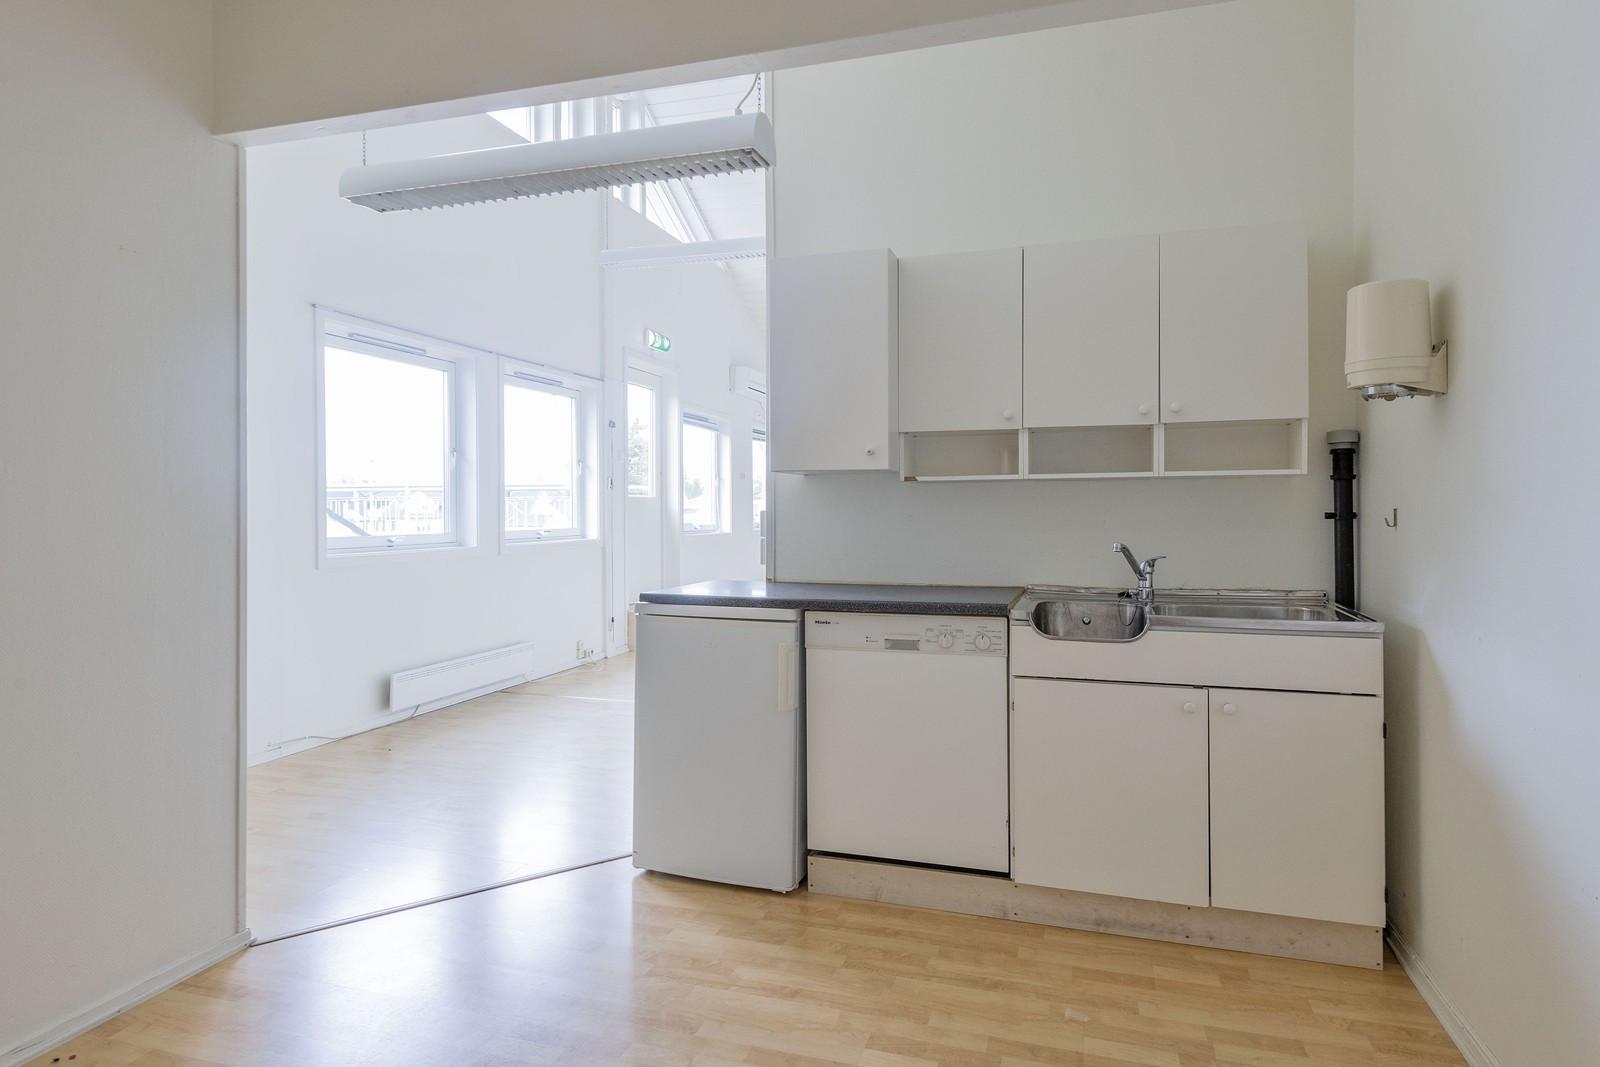 Kjøkkenkrok med oppvaskmasking og kjøleskap